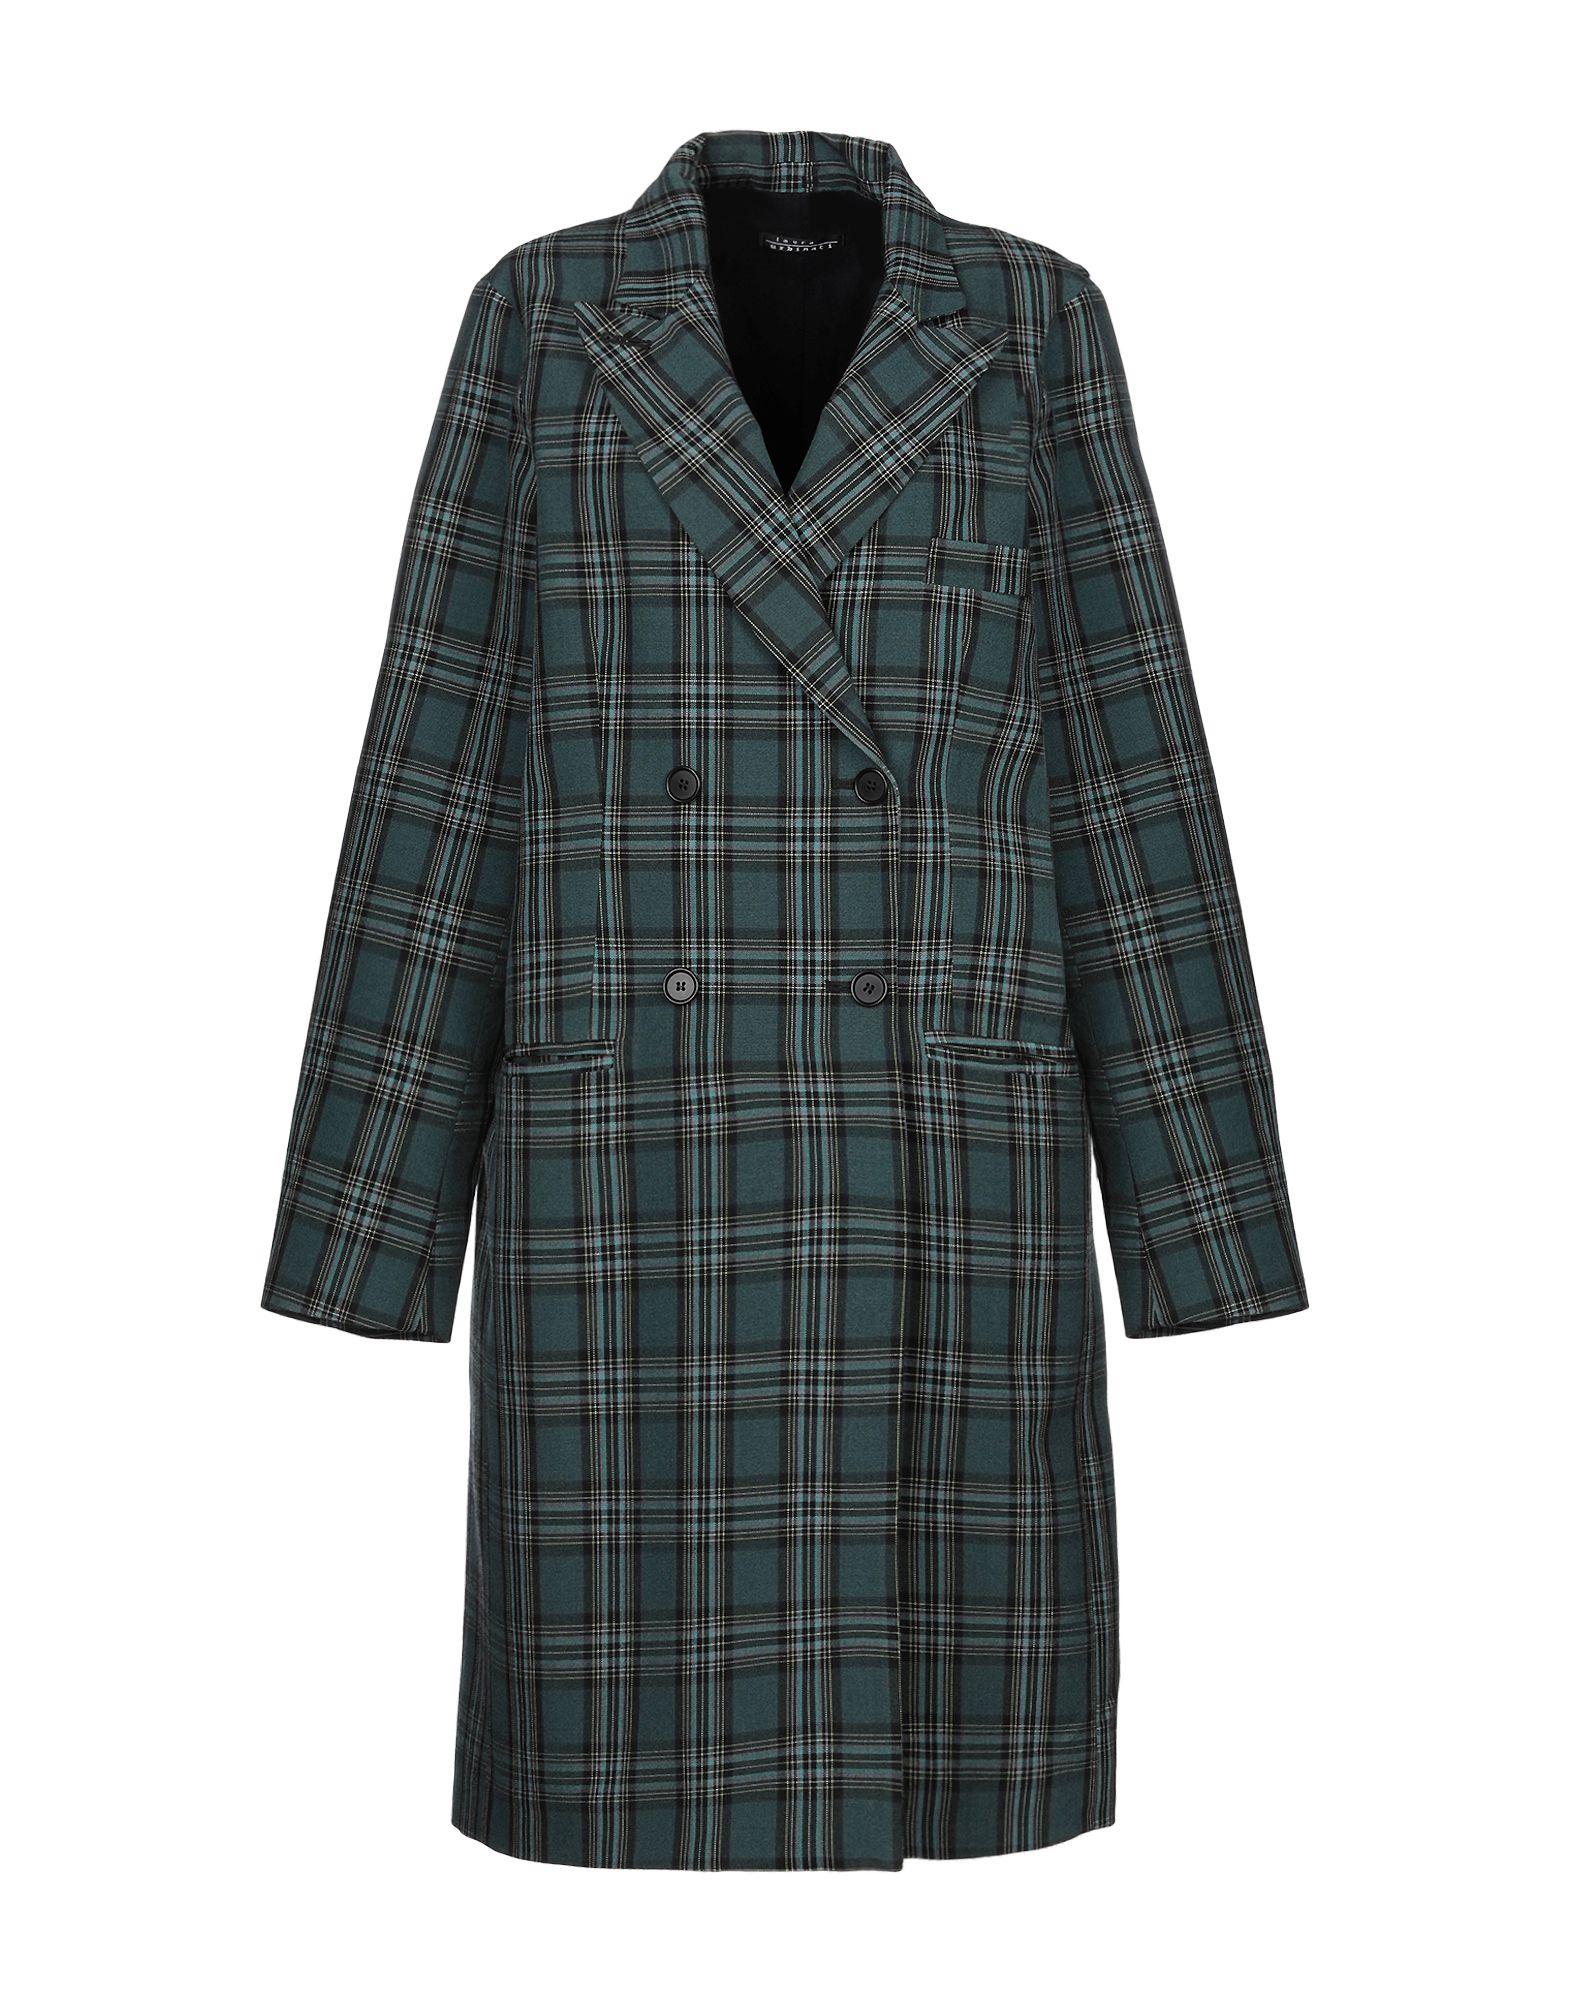 laura urbinati повседневные шорты LAURA URBINATI Легкое пальто